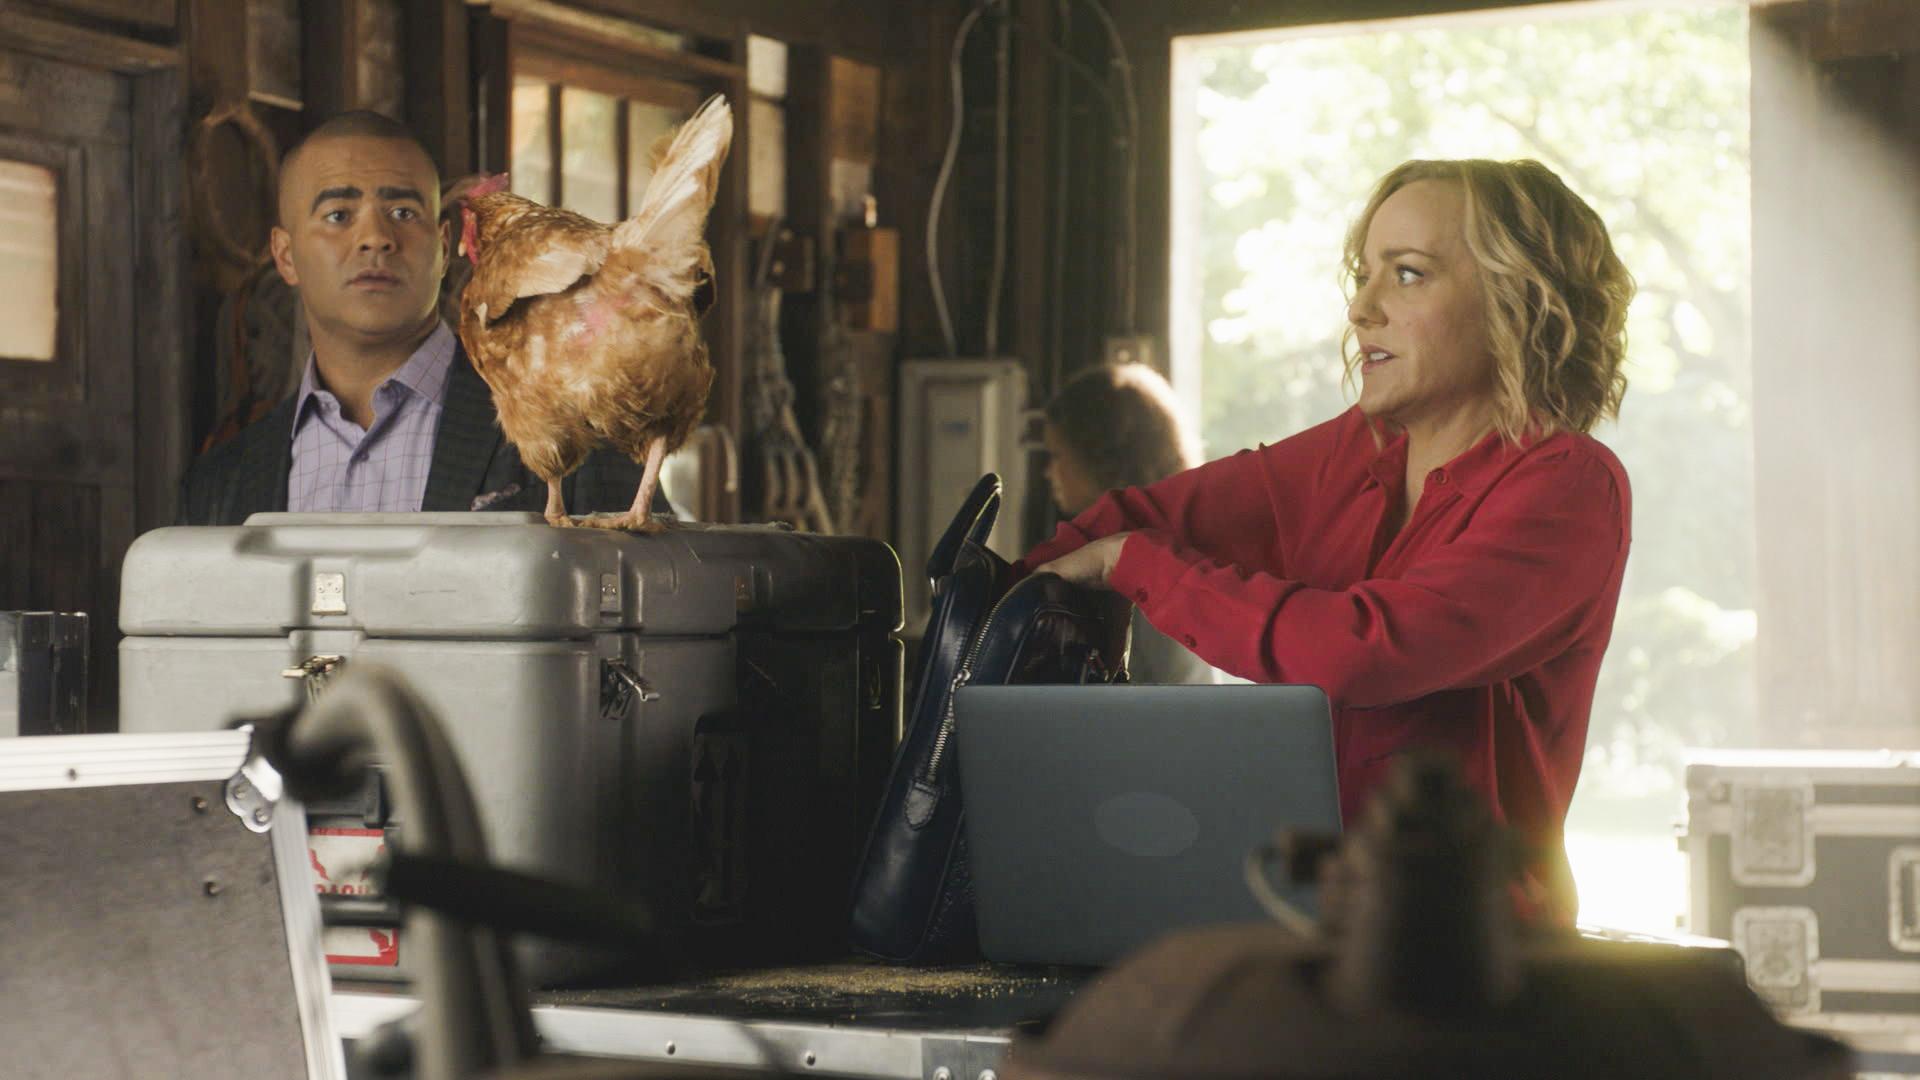 Chunk Palmer and Marissa Morgan meet a friendly fowl in Texas.